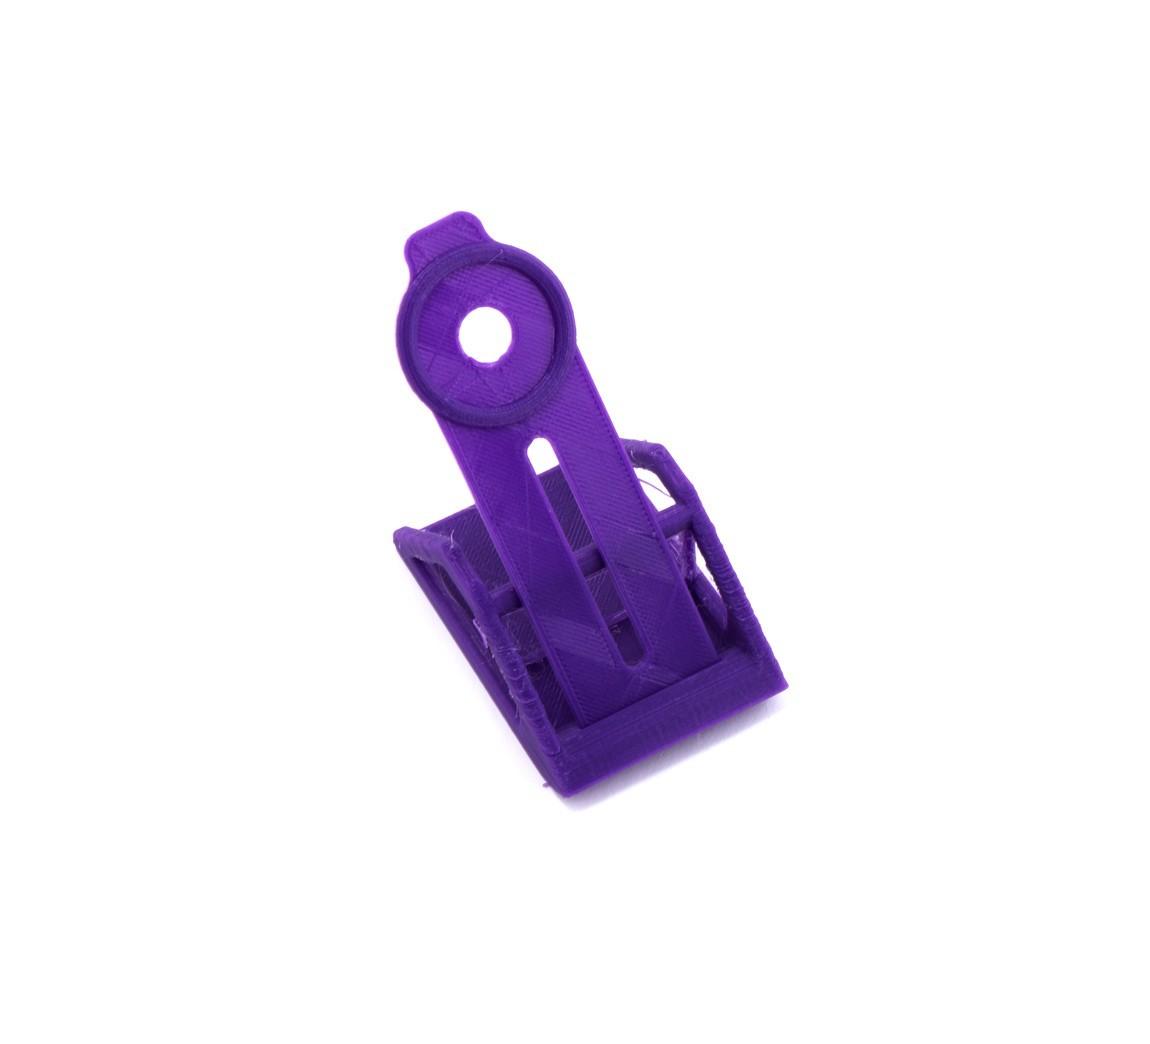 92b48ec8df46064a71af13d0901c6ebc_1449191420444_NMD000628-6.jpg Download free STL file Coin Catapult • 3D print object, FerryTeacher